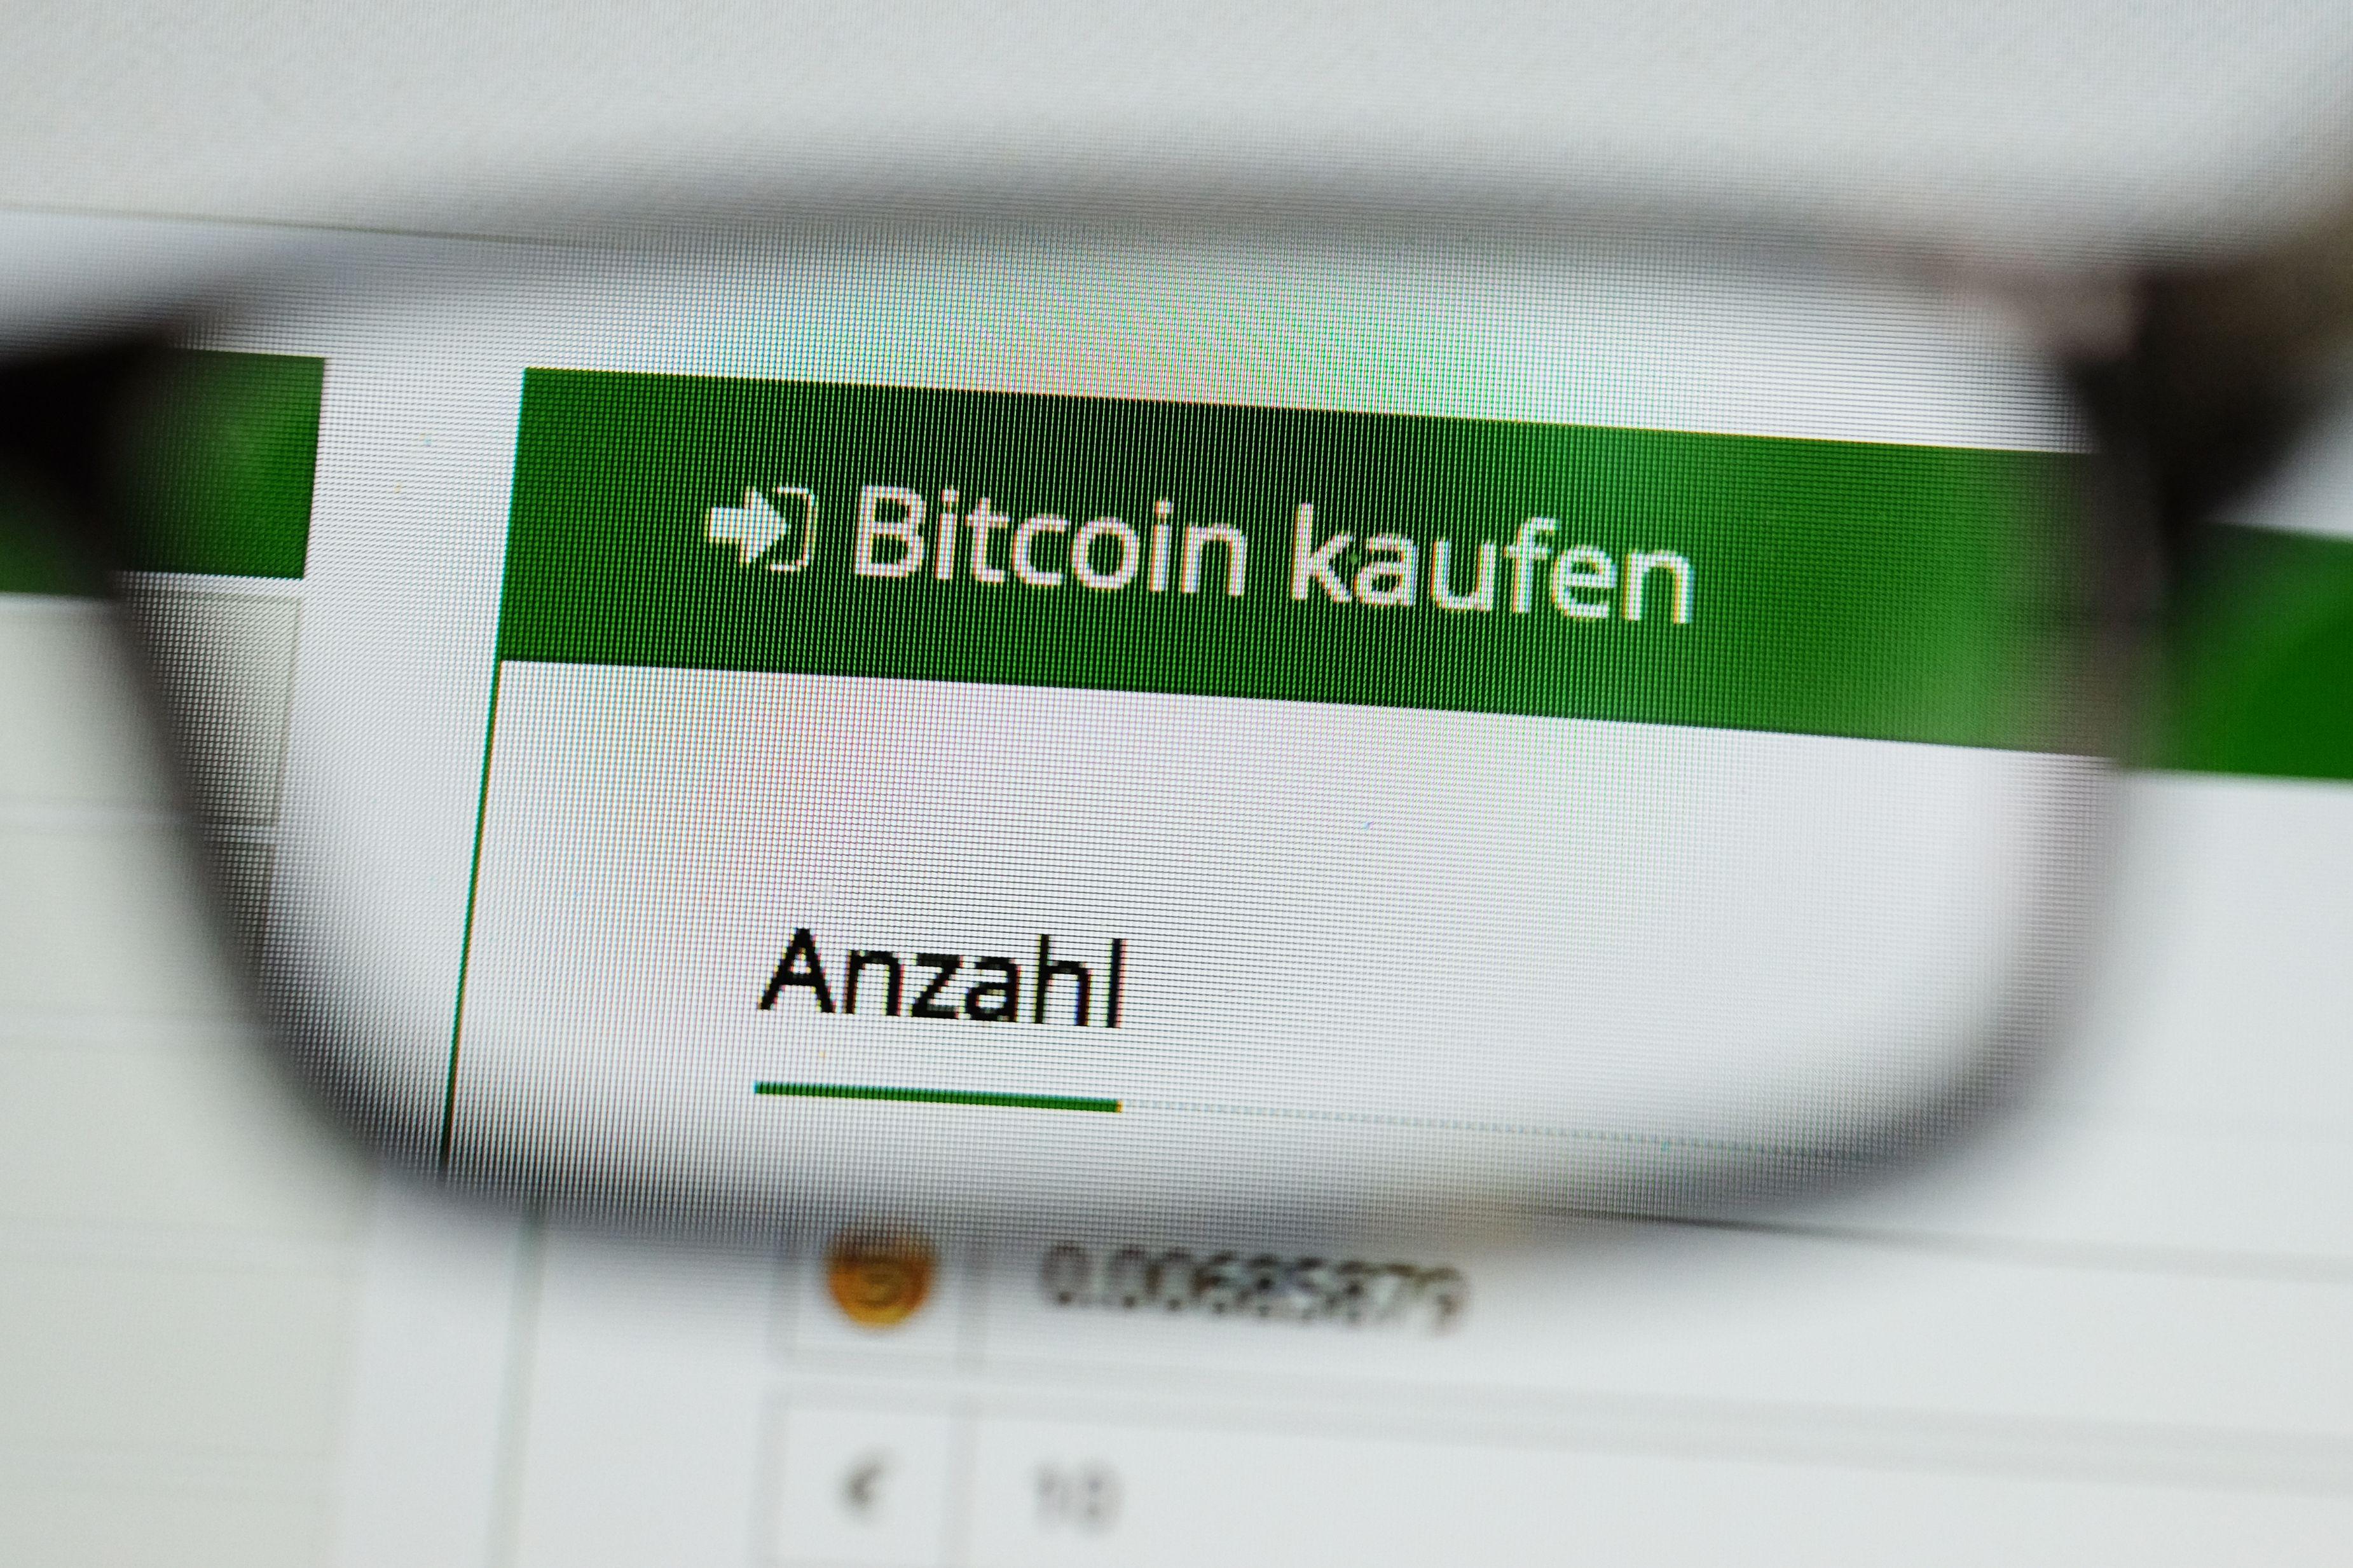 """Derzeit herrscht ein Hype um die digitalen """"Währungen"""": Bitcoin ist die bekannteste digitale Einheit. Foto: dpa / Kalaene"""